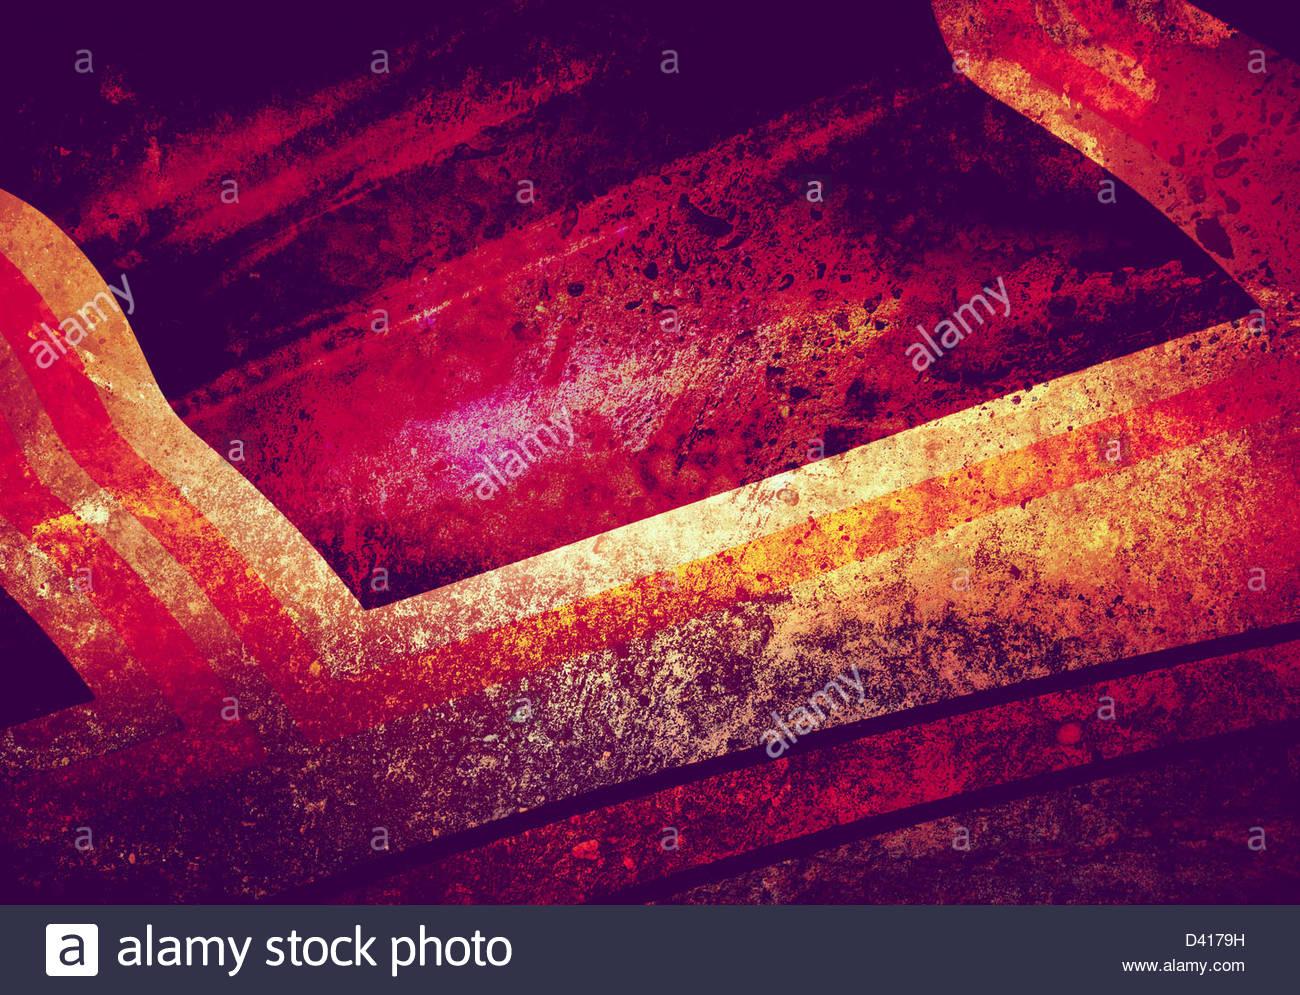 Abstractos pintados Imagen De Stock